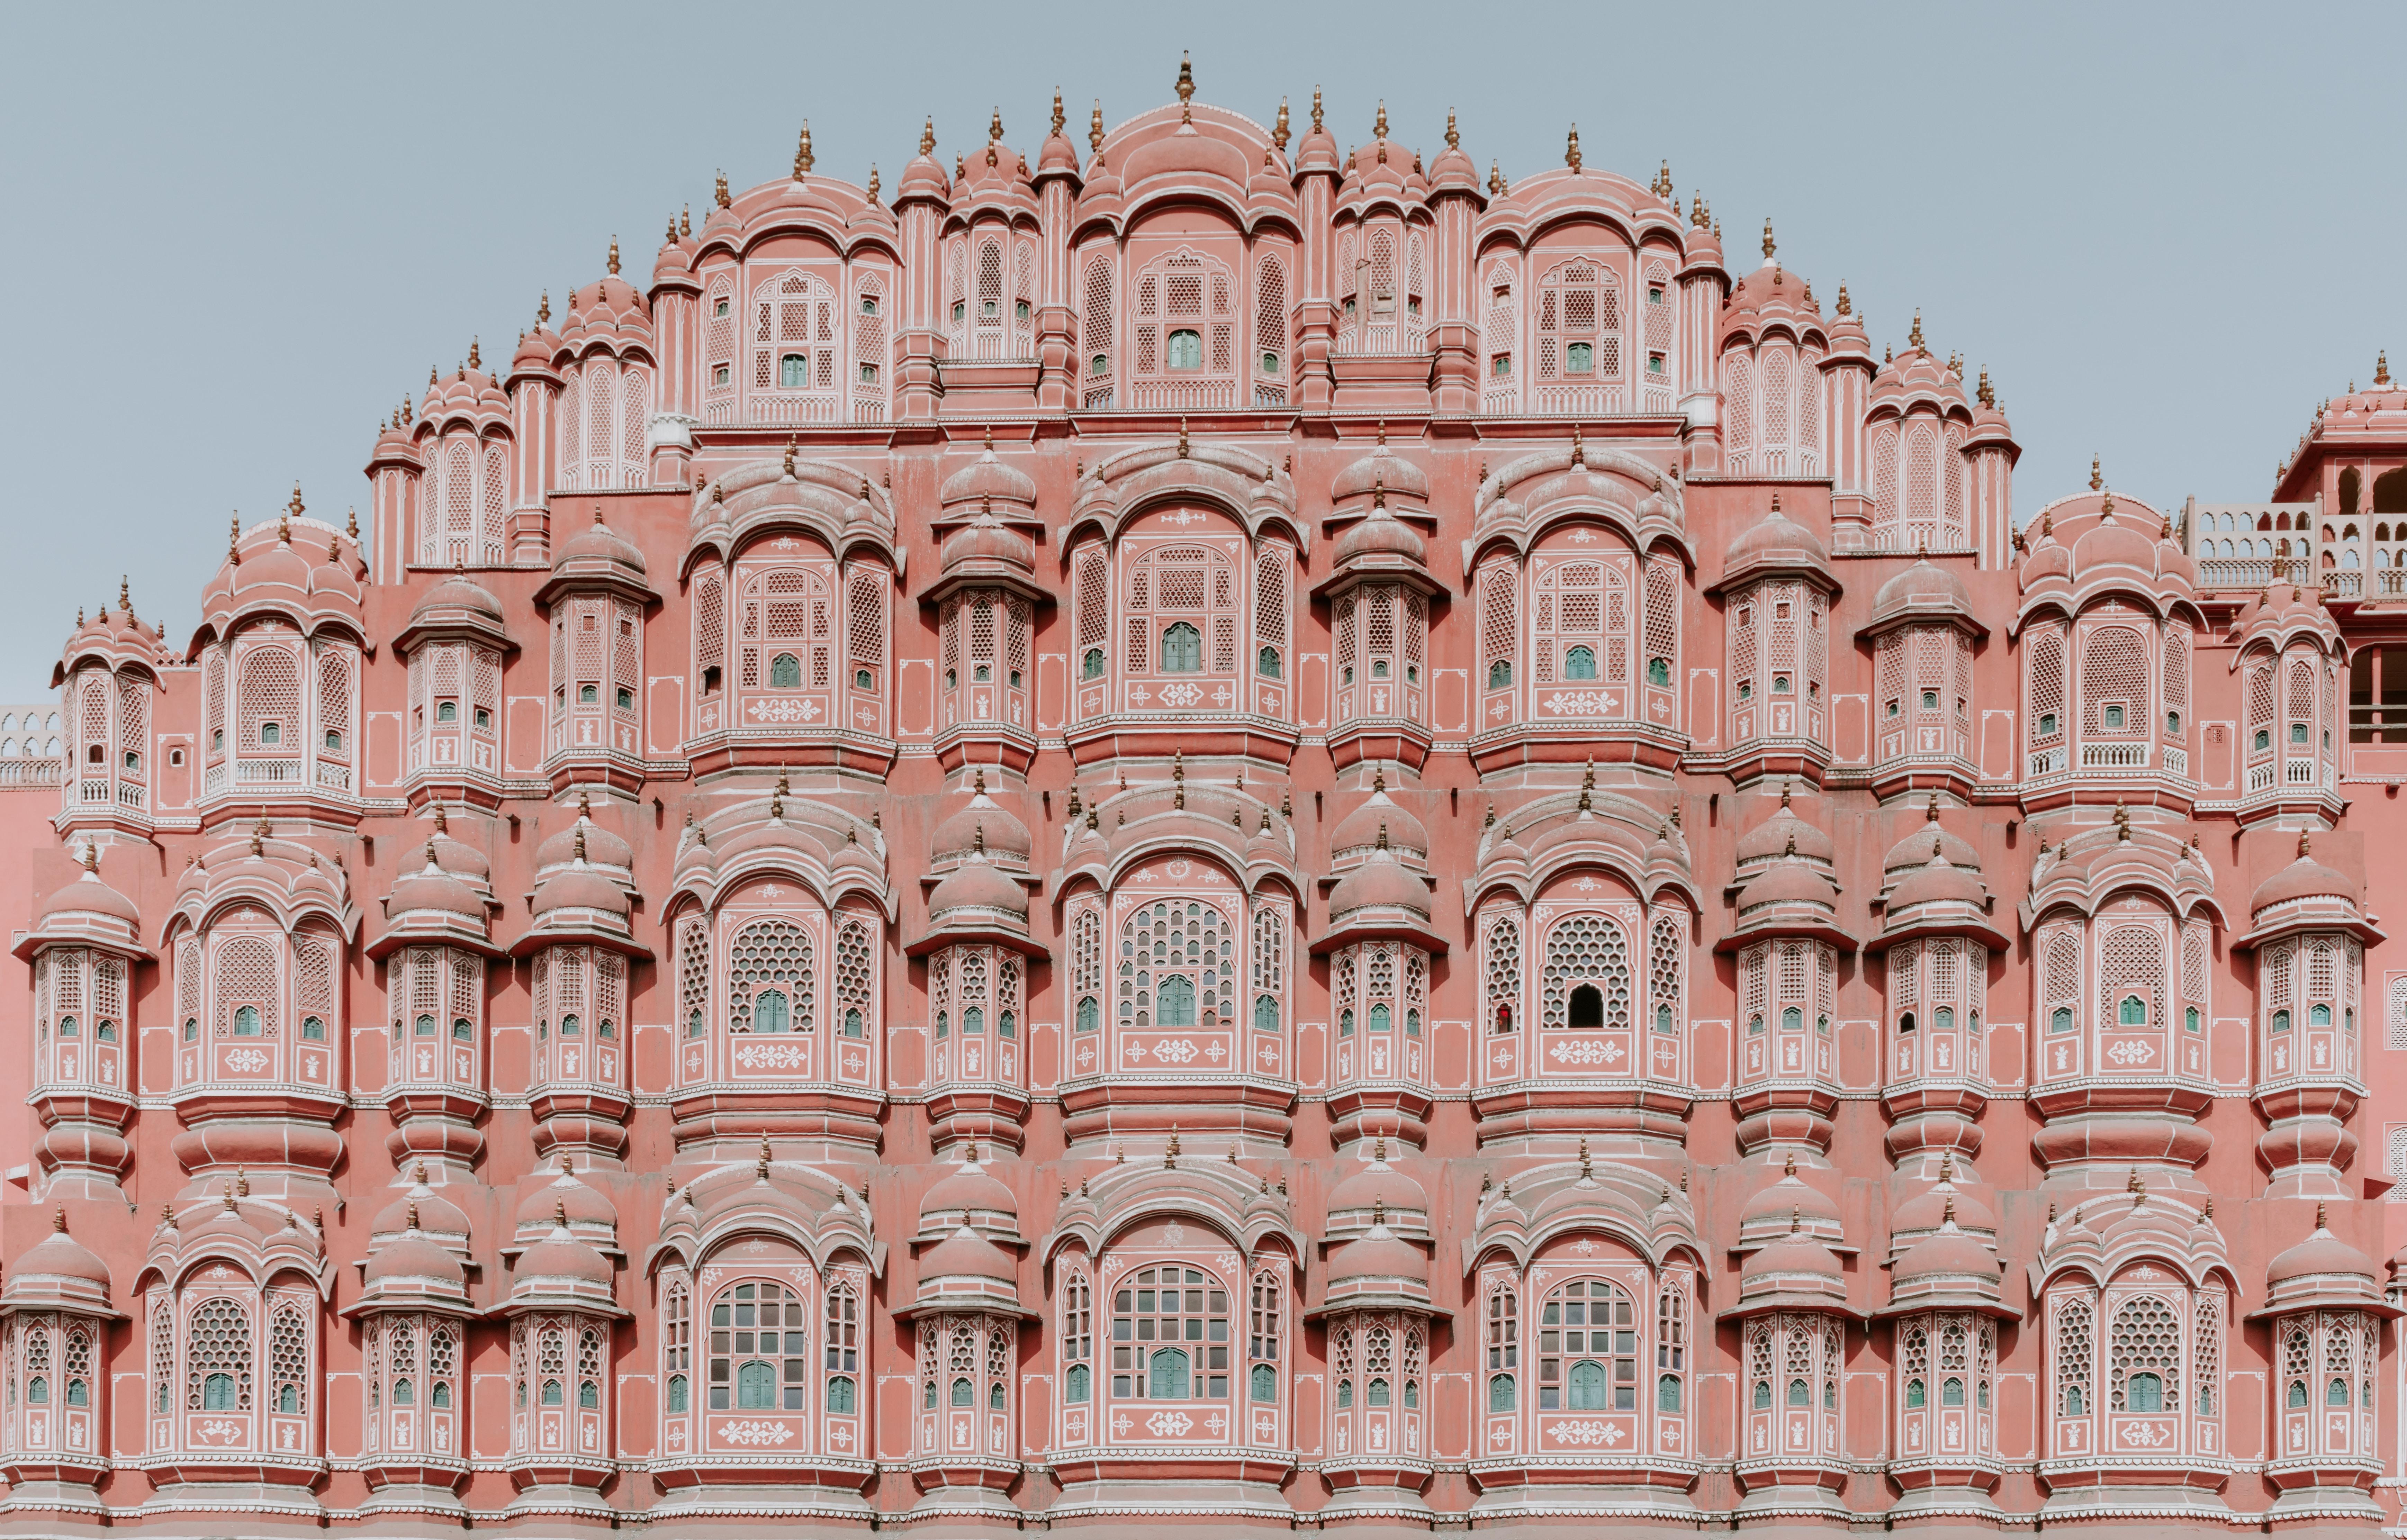 Hawa Mahal, India